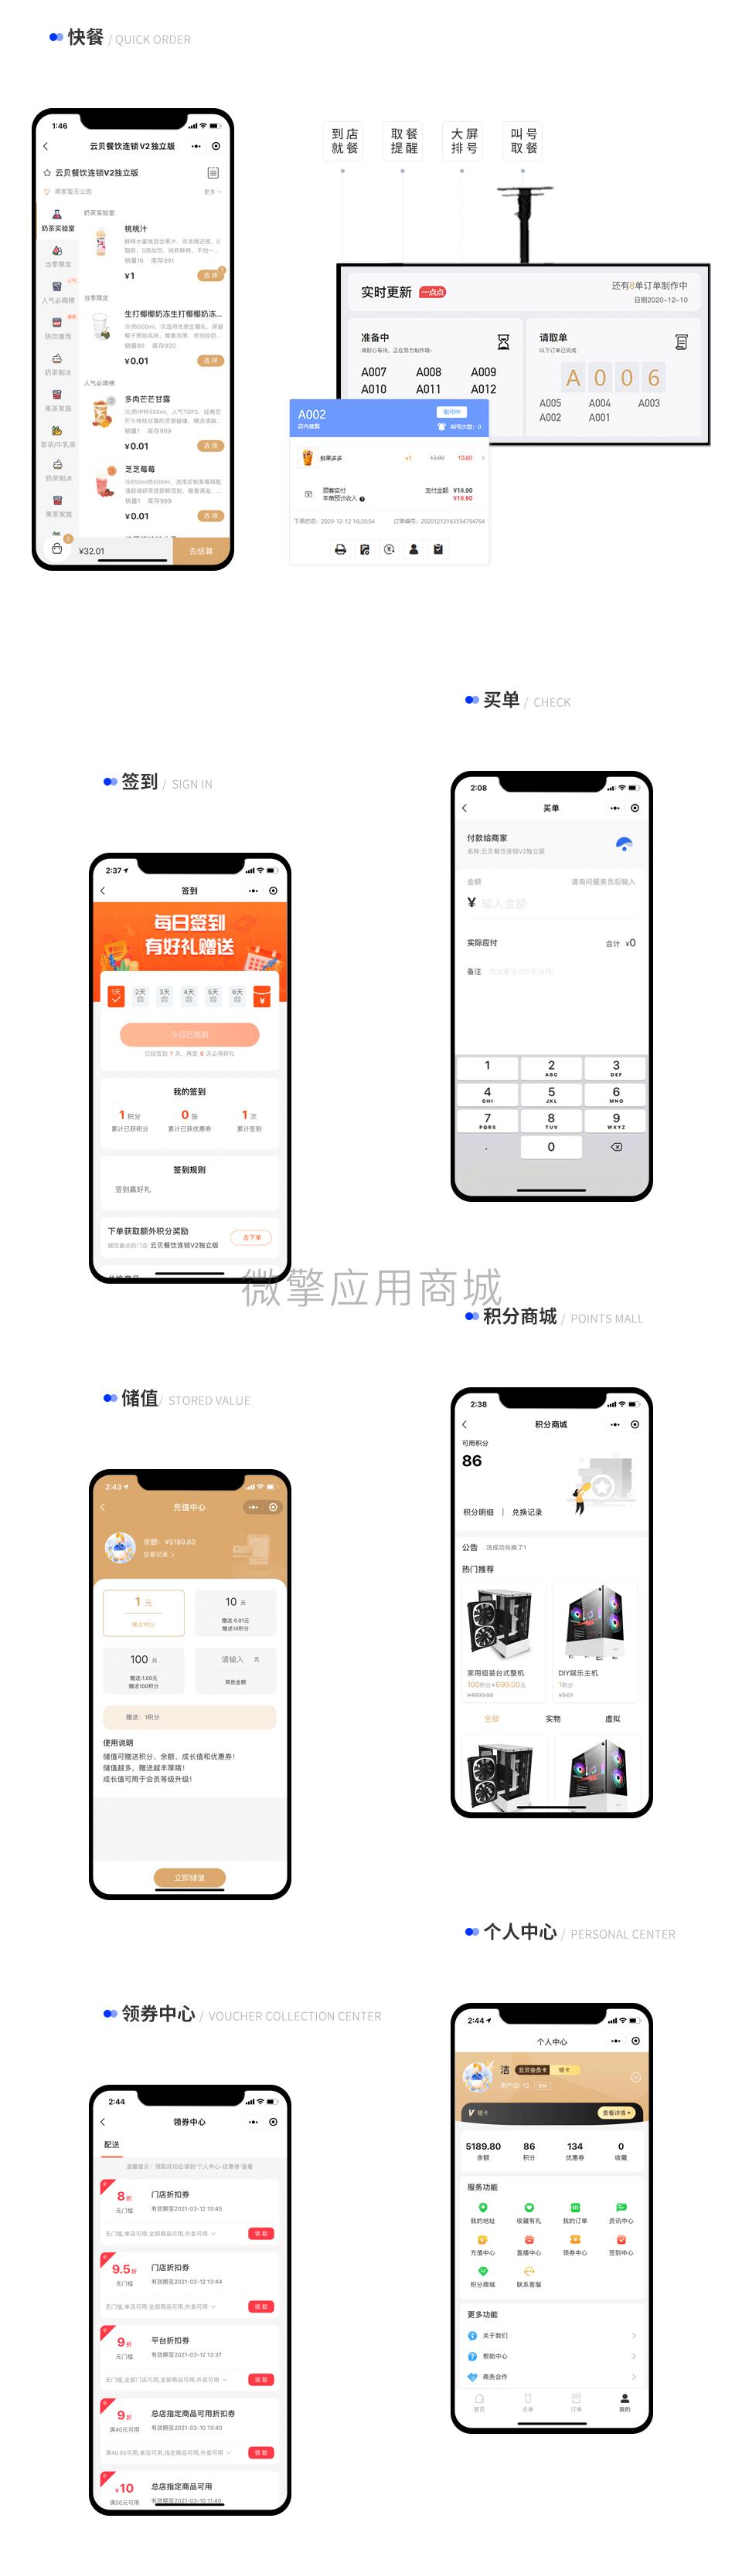 【微信小程序】独立版云贝餐饮连锁小程序V2_2.1.0,一款全端餐饮外卖小程序 小程序 第3张